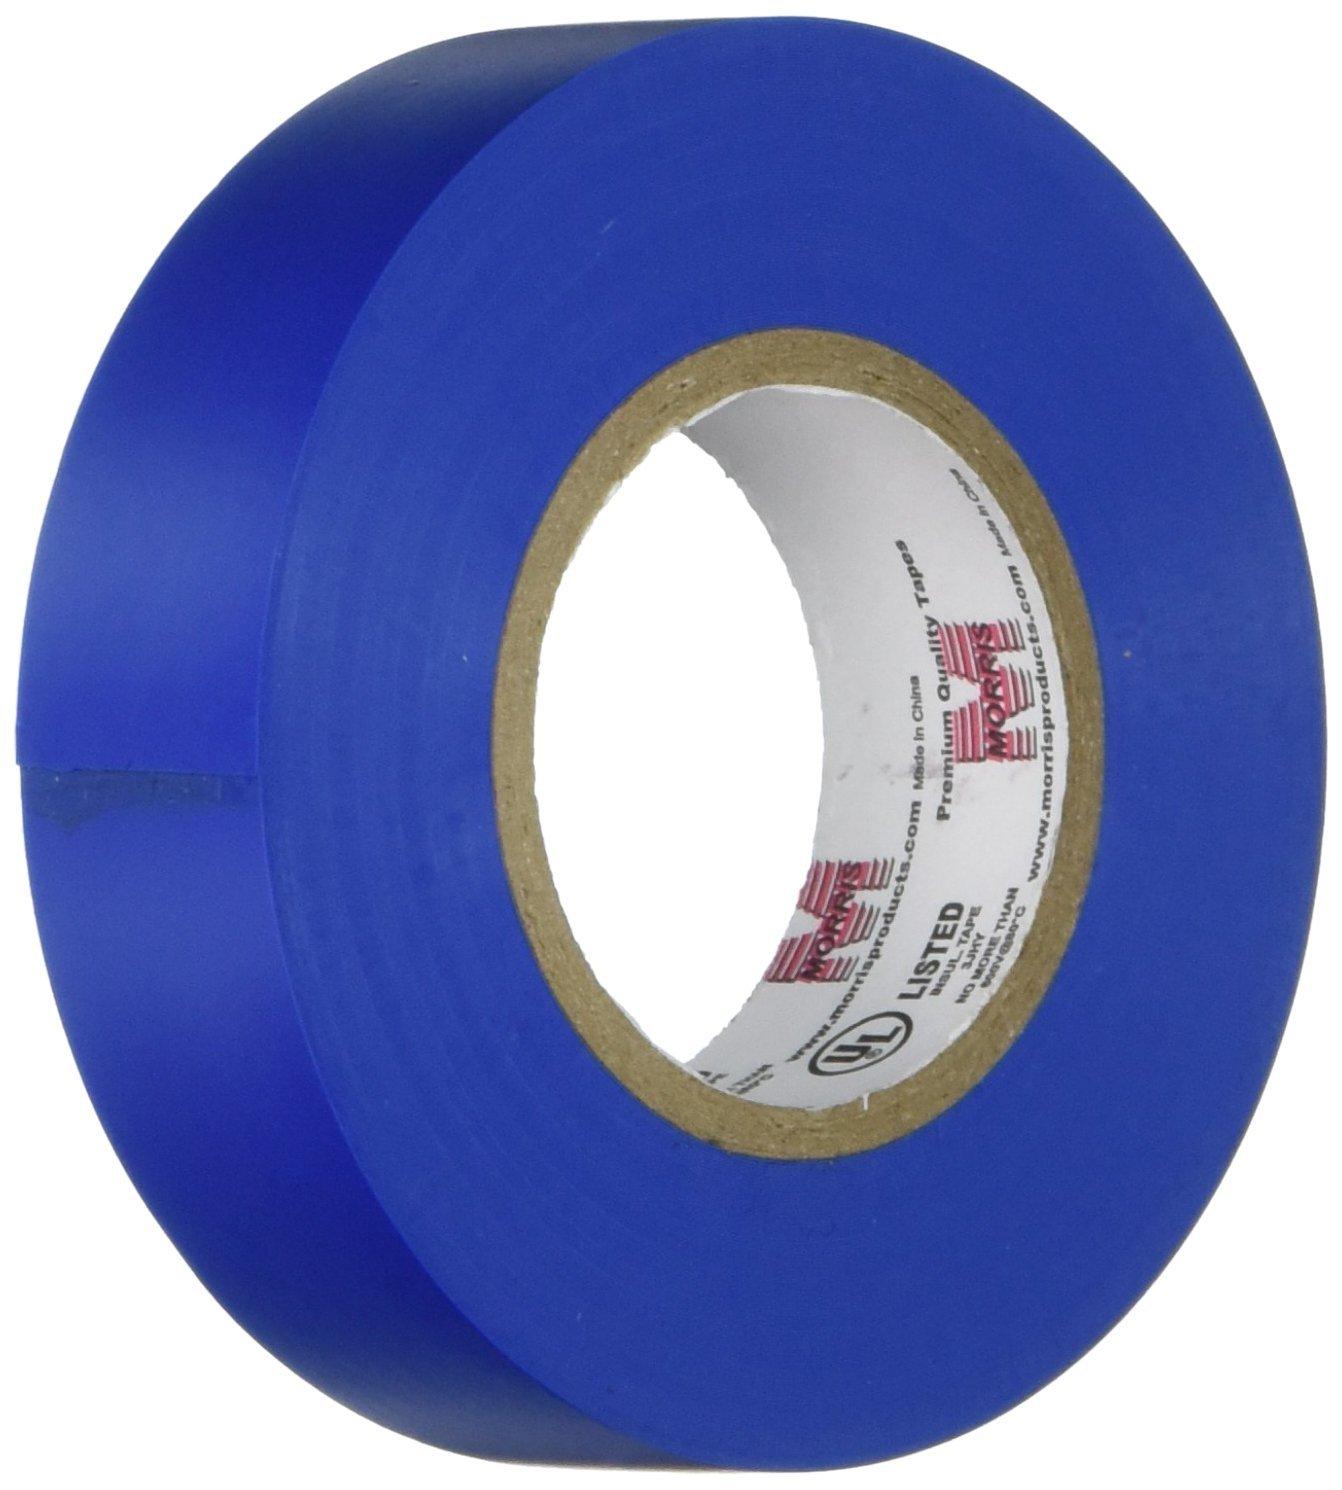 """Morris Vinyl Plastic Electrical Tape, 7 mil, PVC, 66' Length, 3/4"""" Wide, Various Colors - $1.01 + FS w/Prime"""